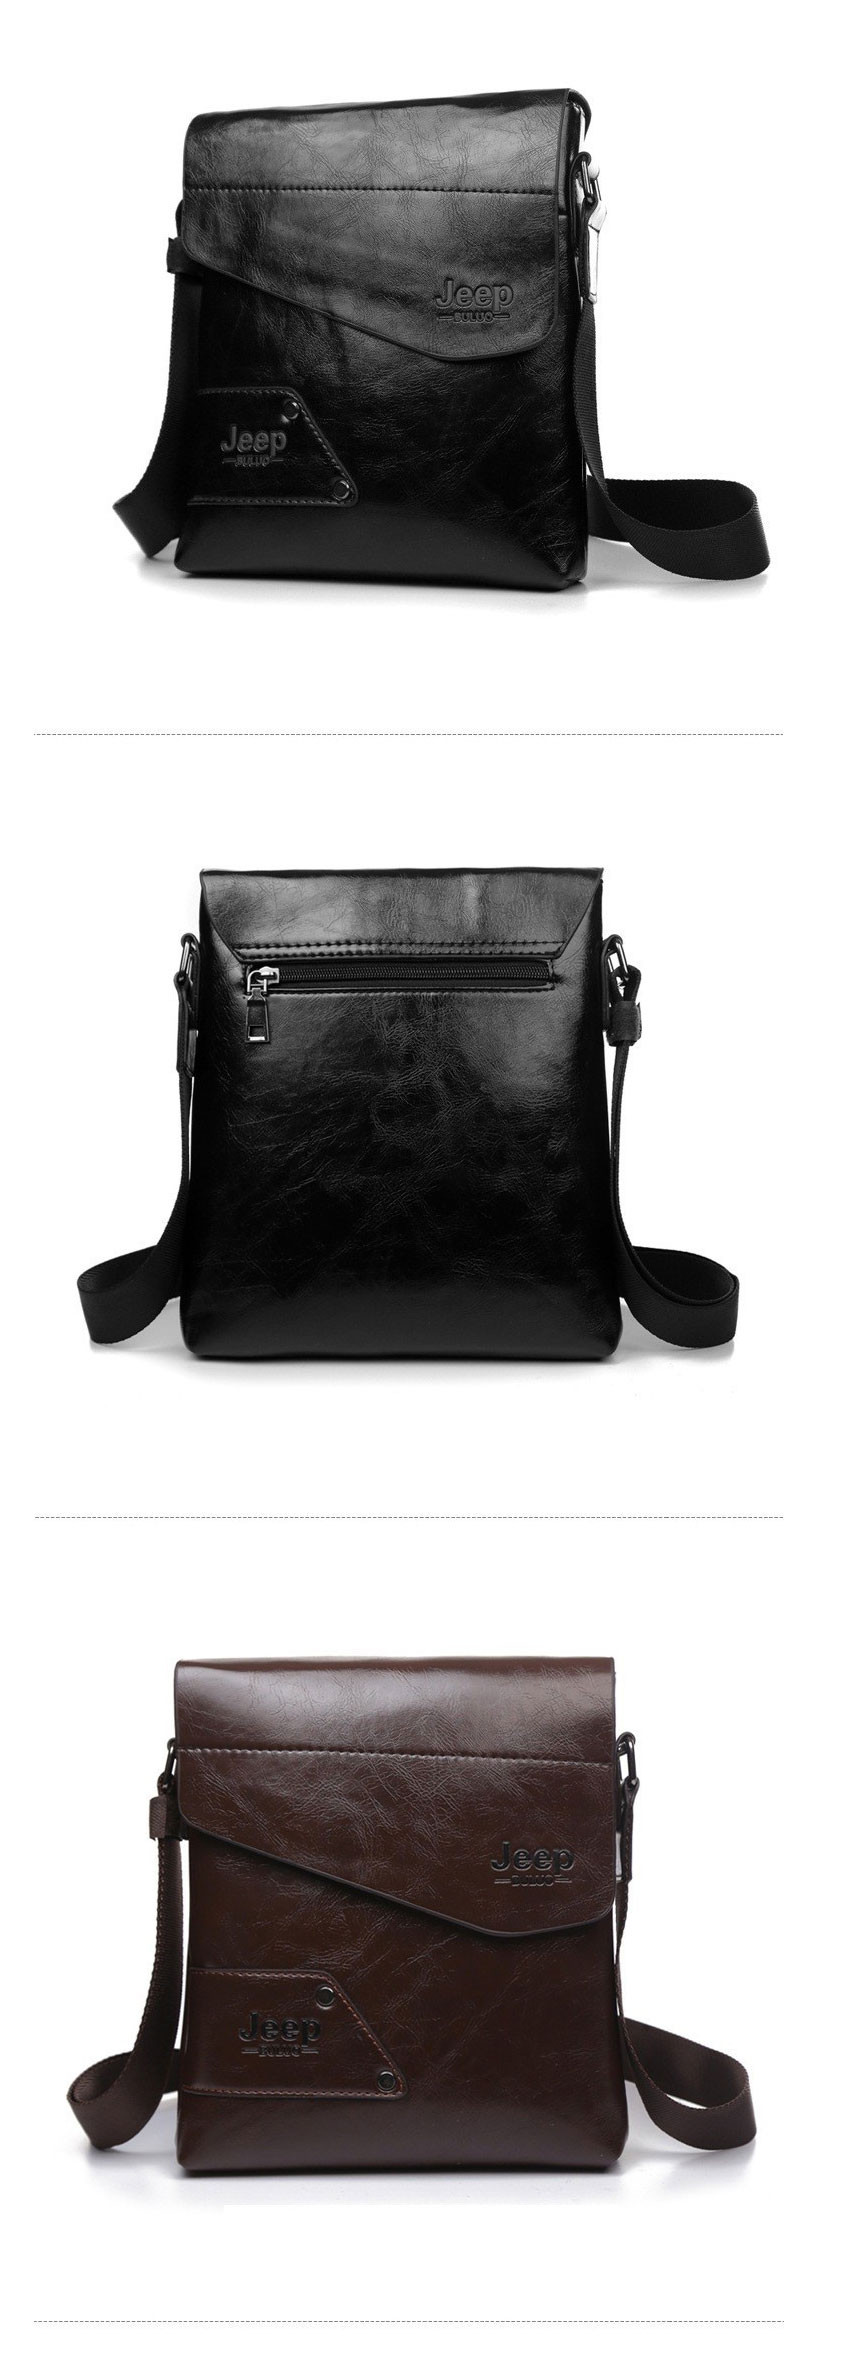 46cef8dfce1f Bag men 2016 famous brands men messenger bags top leather bag briefcase  designer high quality shoulder bag NB1805. NB180 01 NB180 02 NB180 03 ...